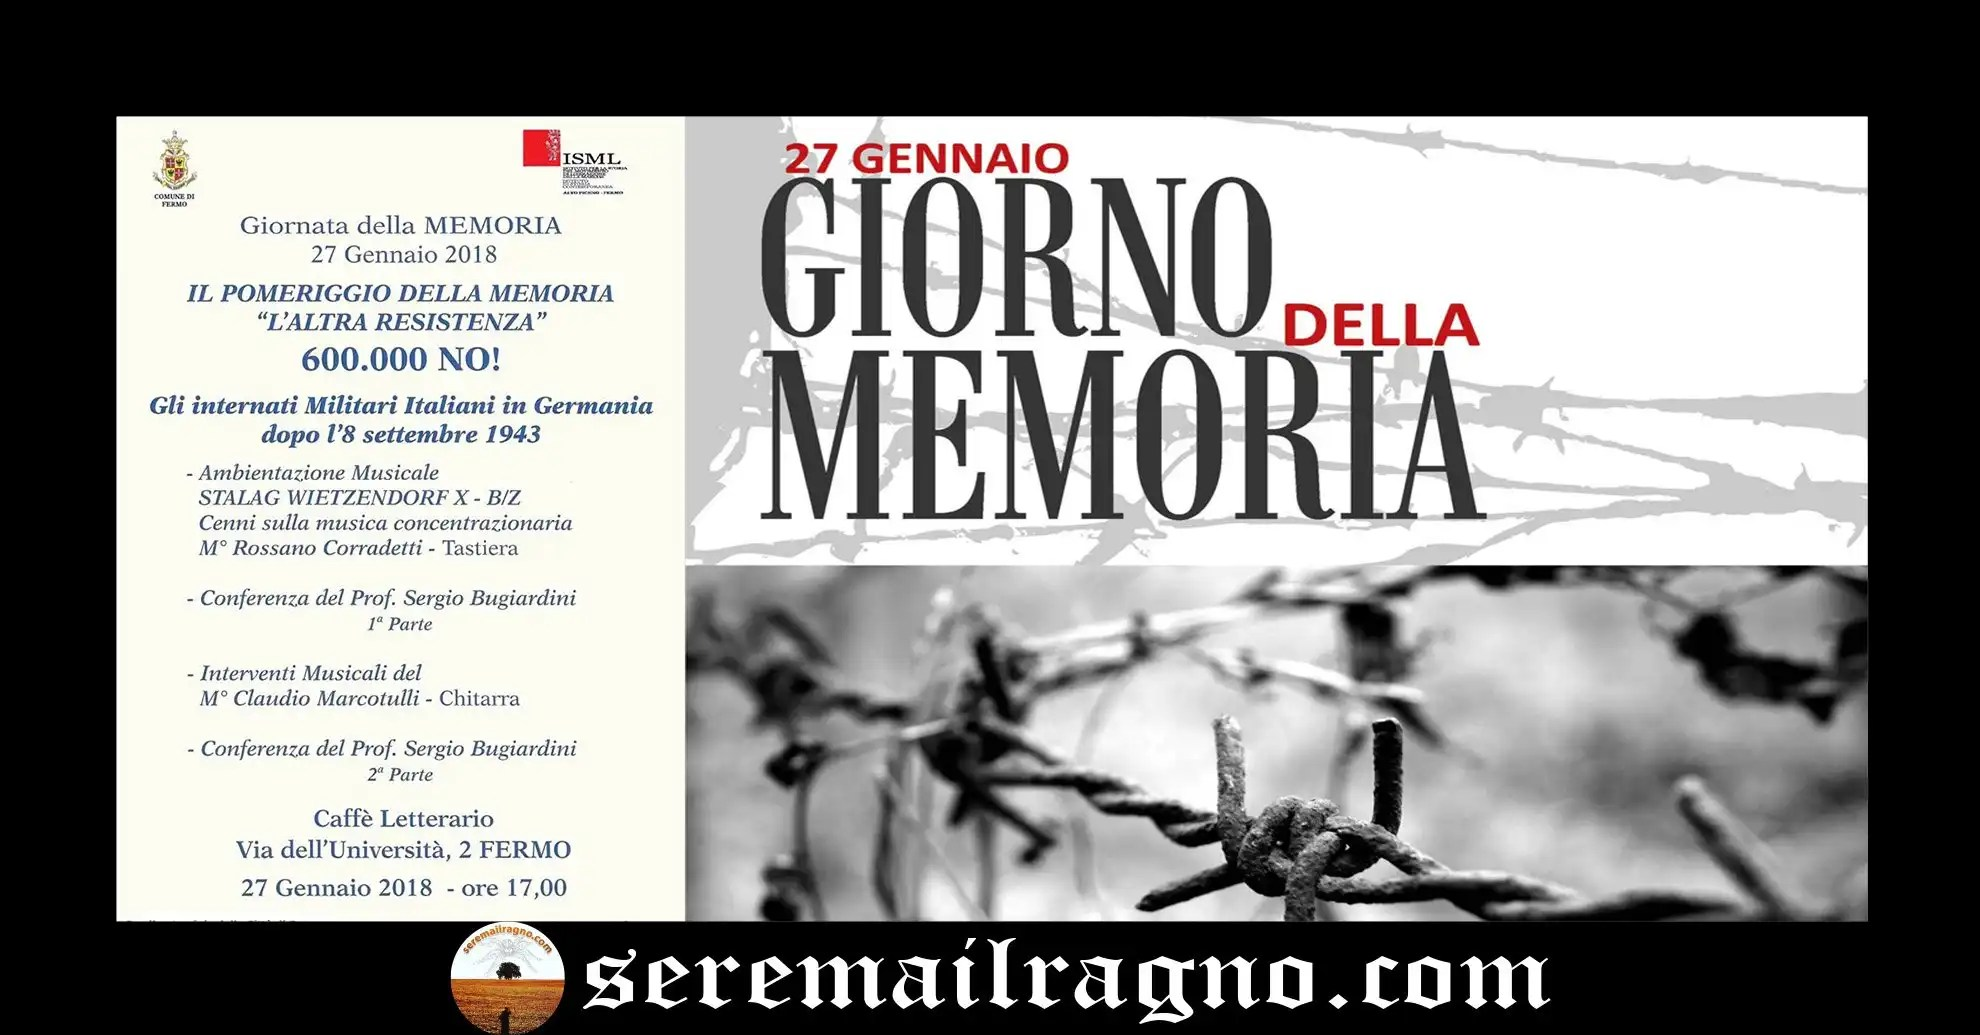 Fermo: Giornata della Memoria 2018